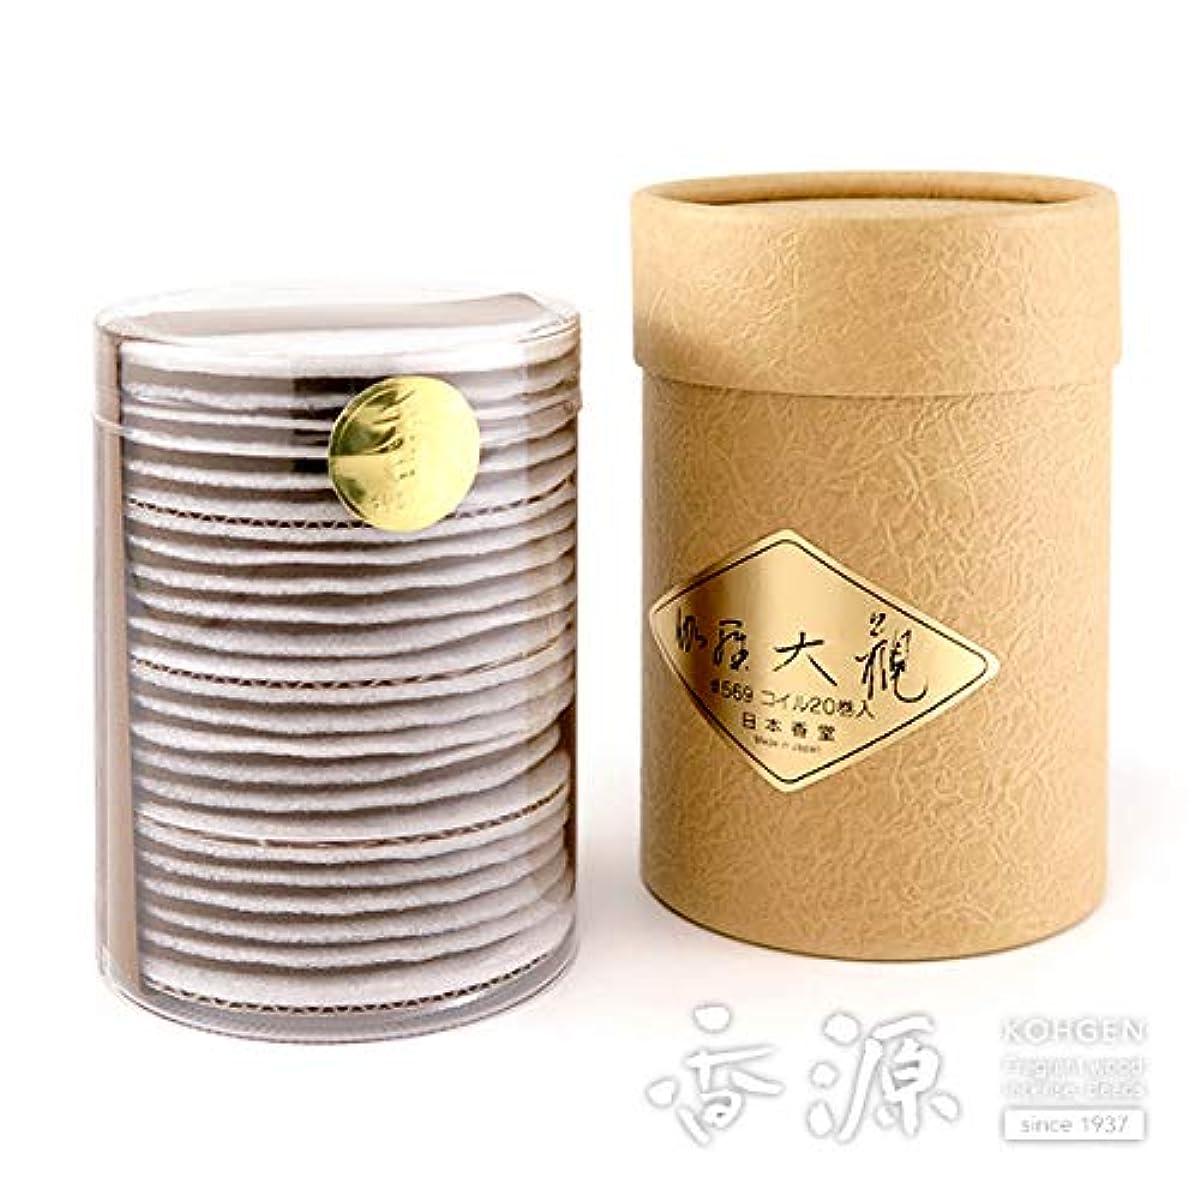 高める乳白チラチラする日本香堂のお香 伽羅大観 徳用渦巻20枚入 【送料無料】